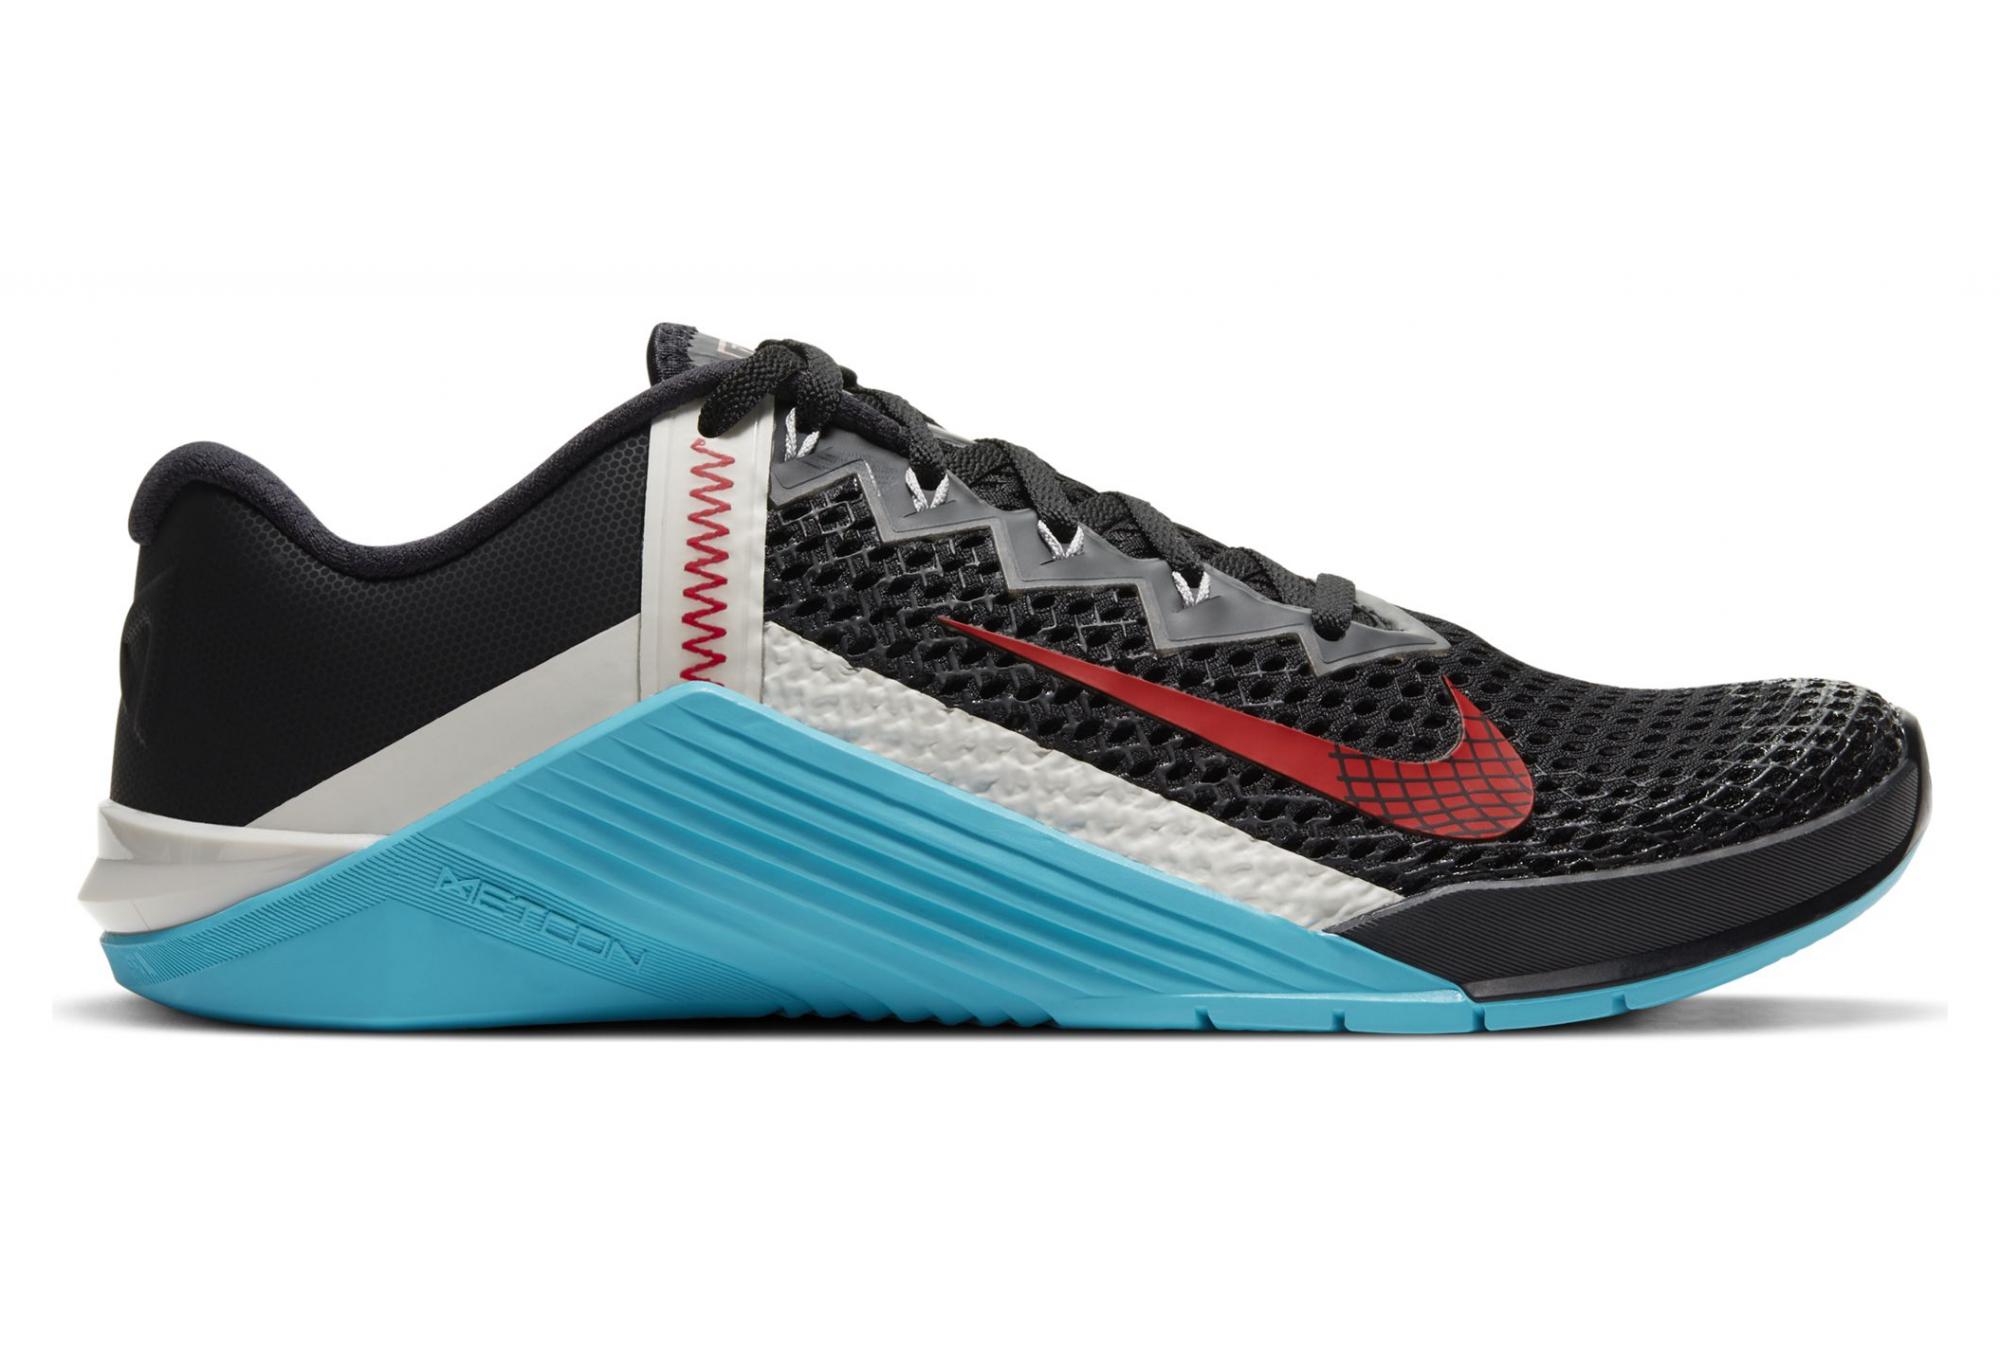 Nike Metcon 6 Running Shoes Black Red Blue Men